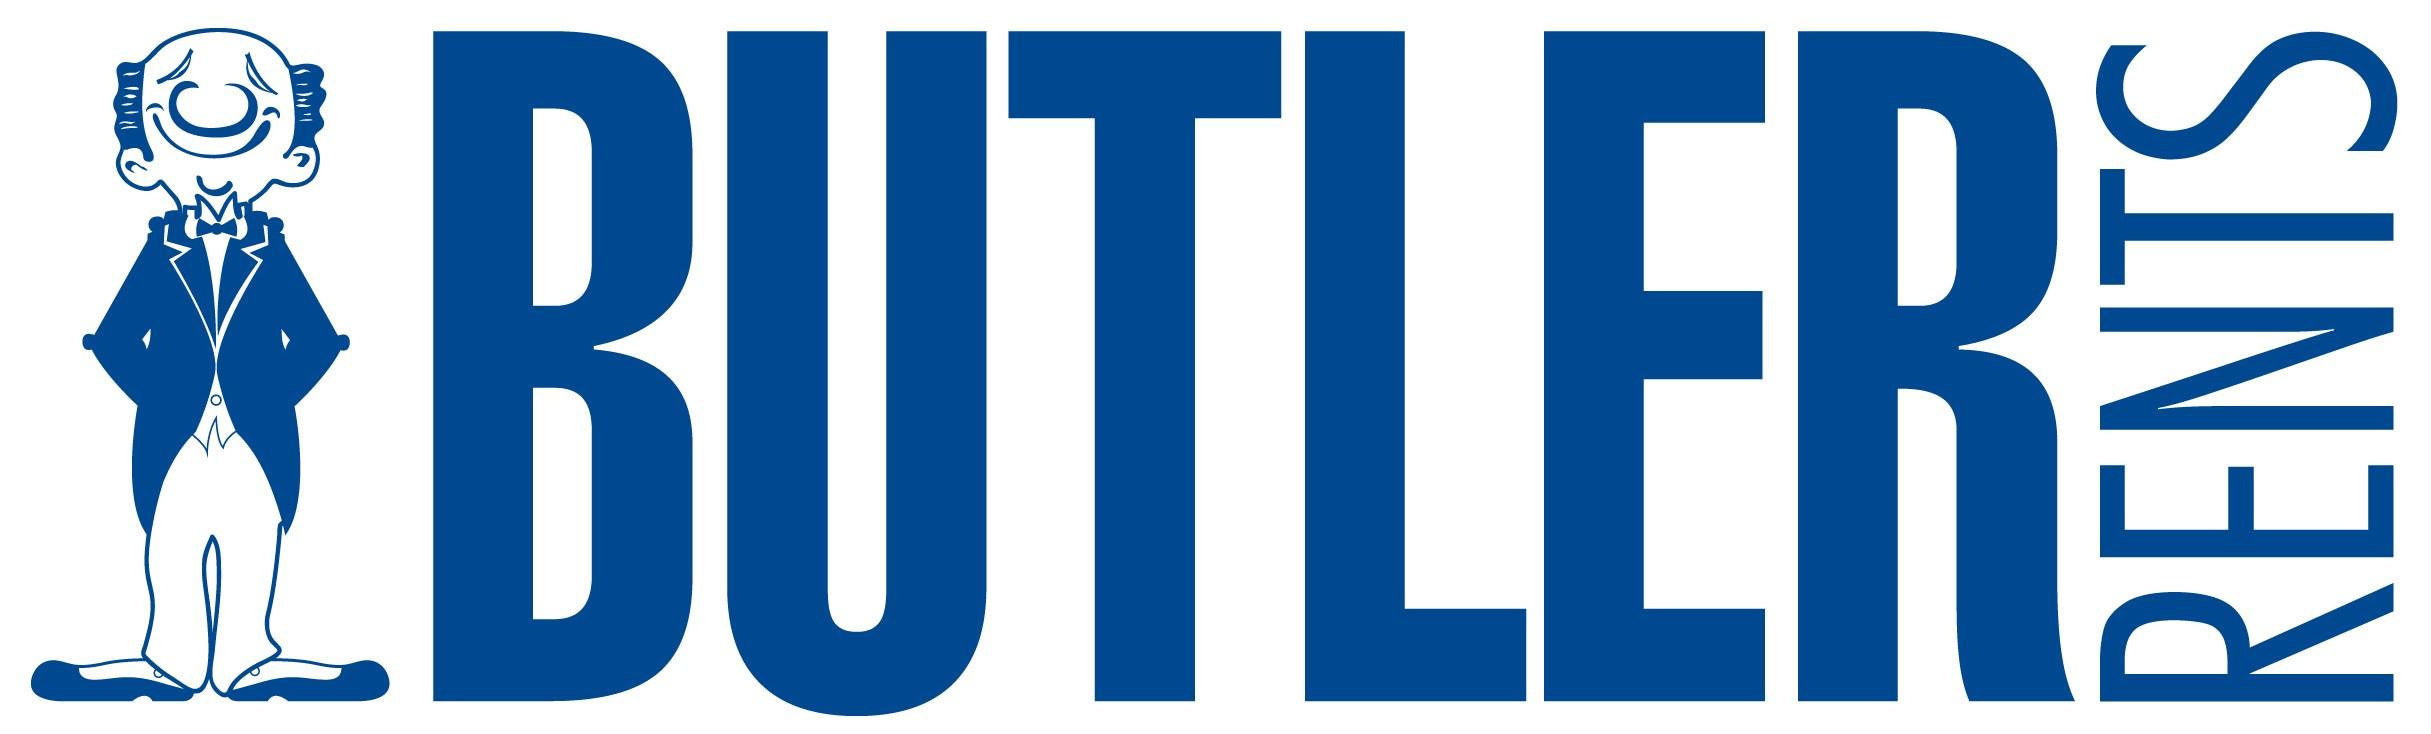 ButlerSlide_WhiteLogo - Copy